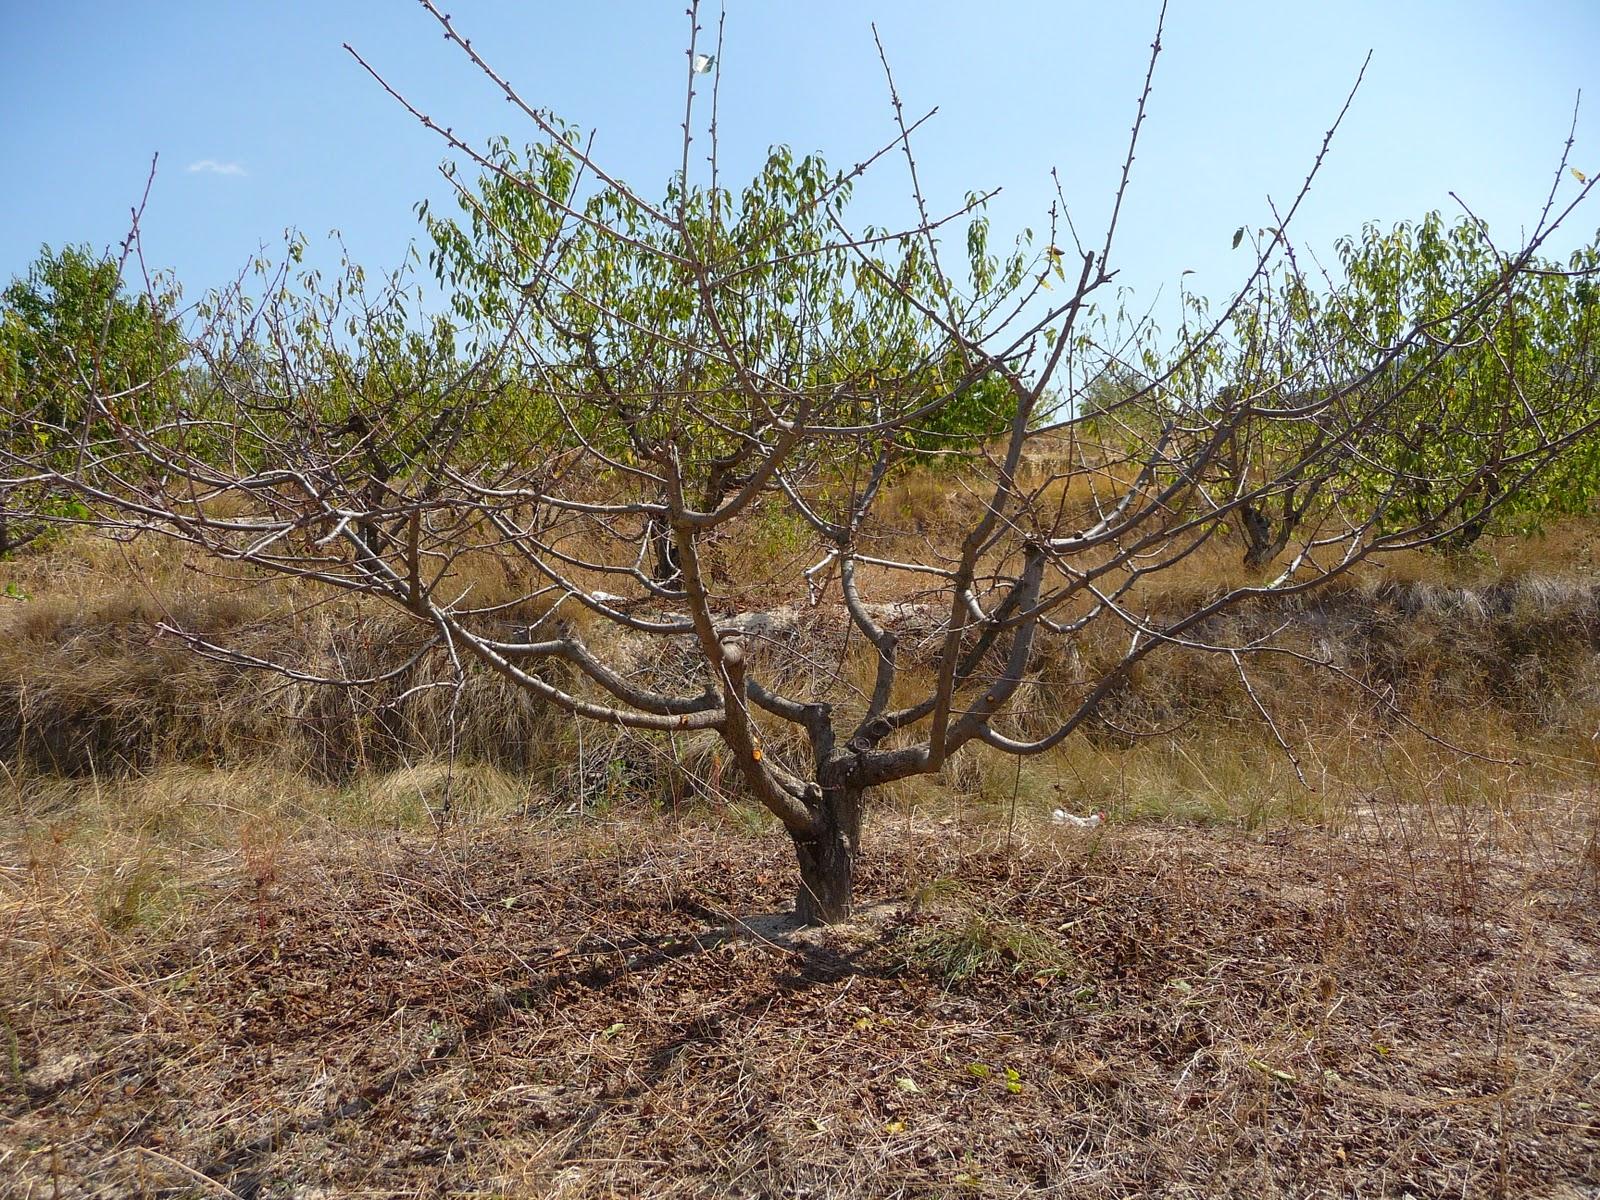 I natura poda del cerezo - Poda del cerezo joven ...